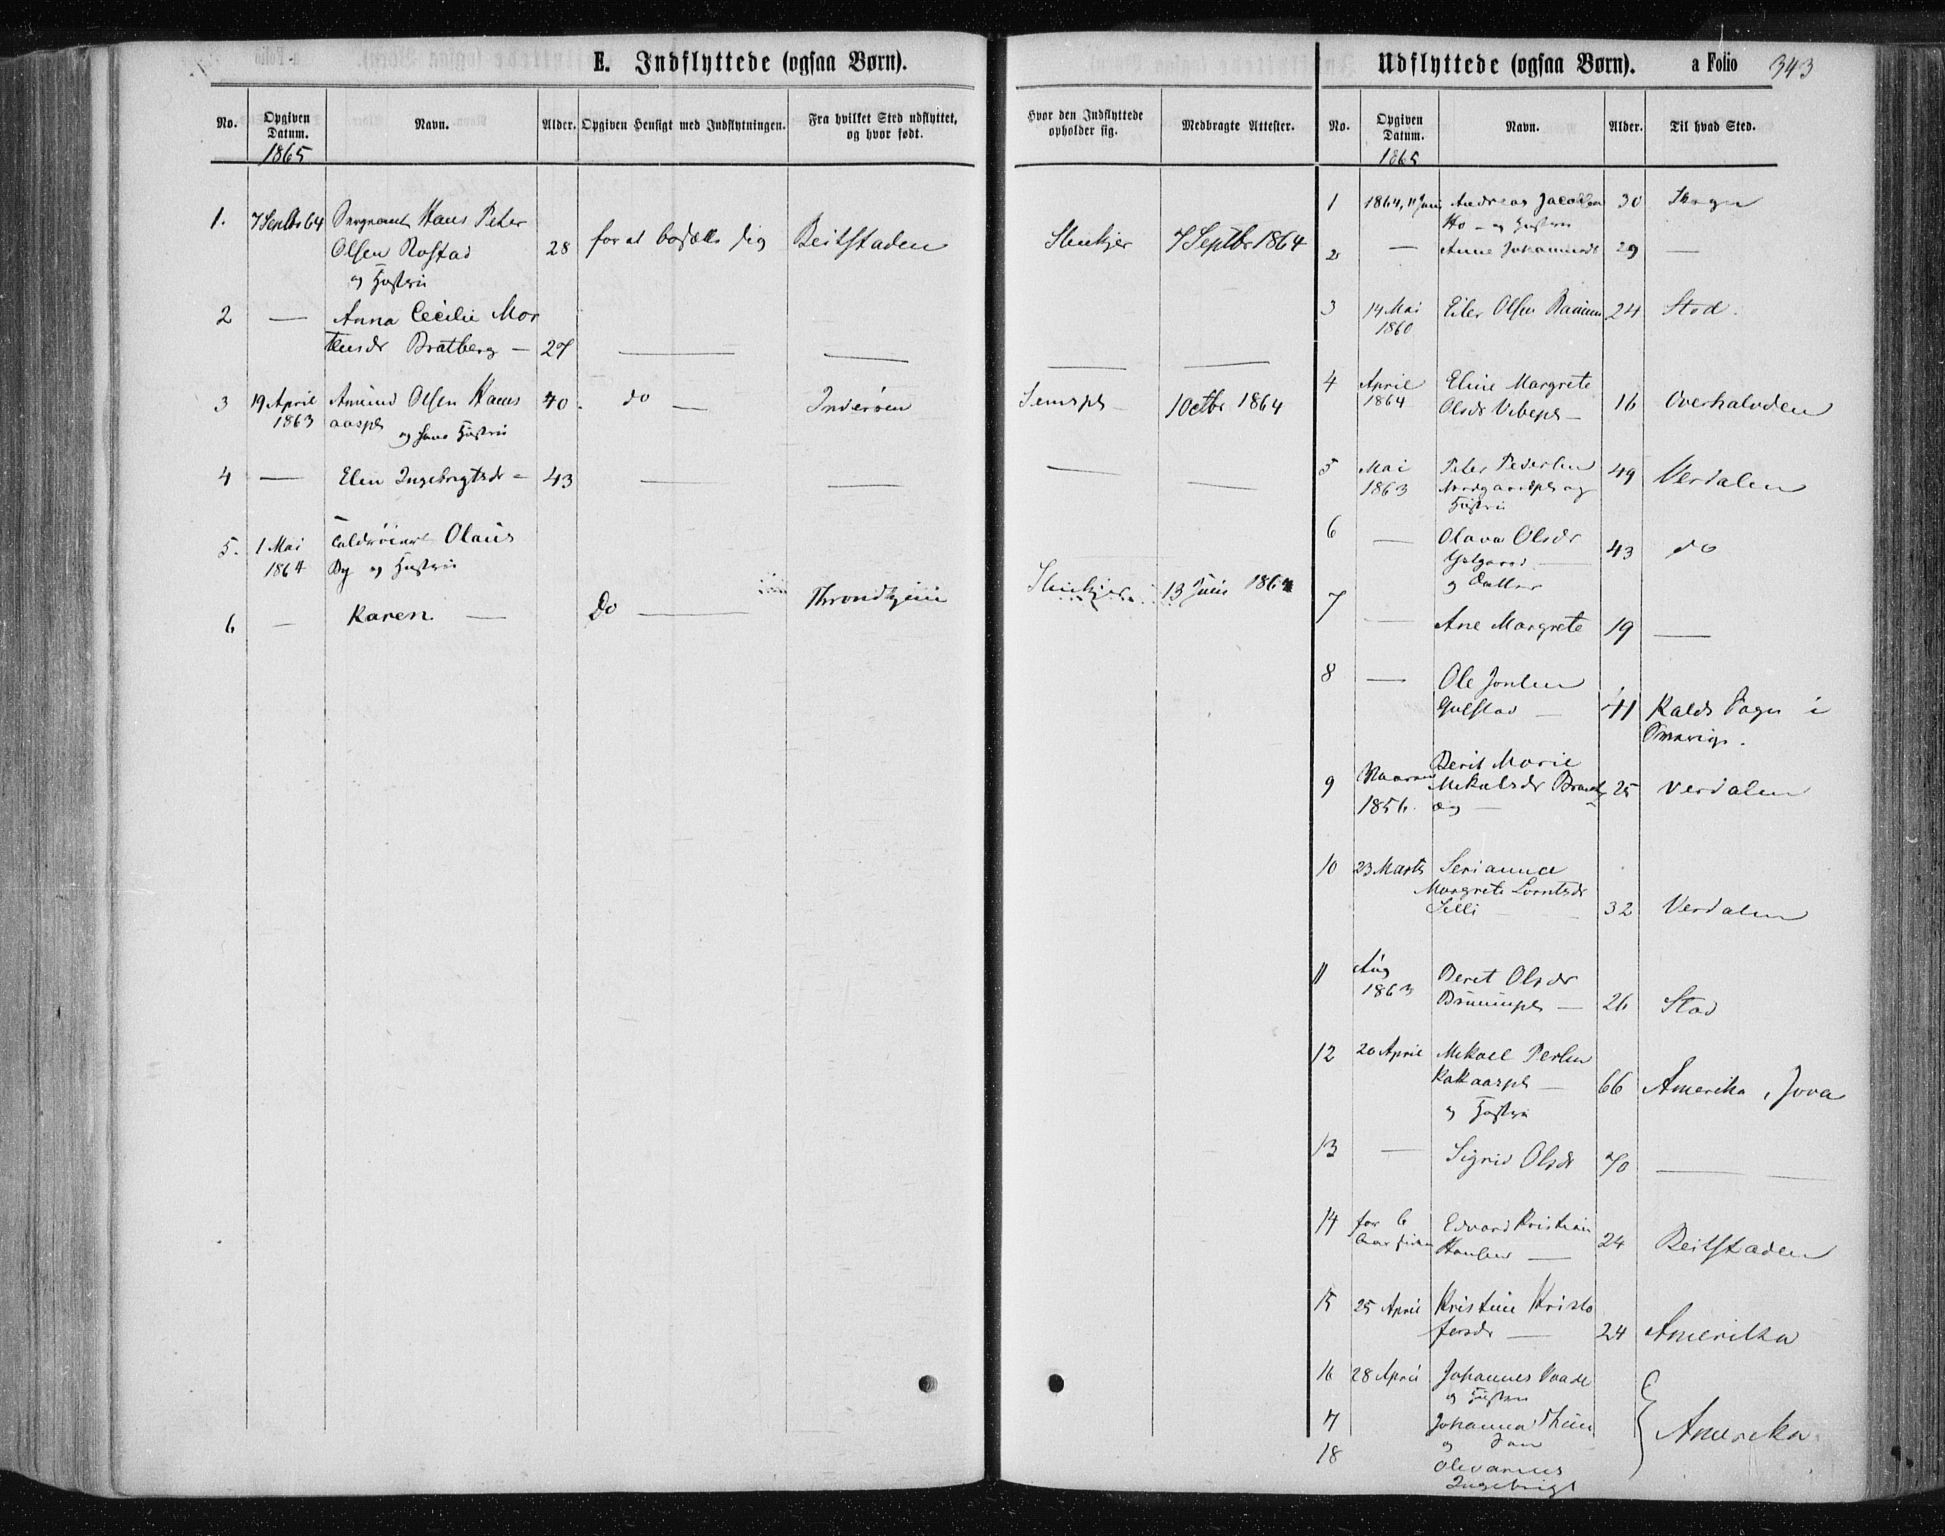 SAT, Ministerialprotokoller, klokkerbøker og fødselsregistre - Nord-Trøndelag, 735/L0345: Ministerialbok nr. 735A08 /1, 1863-1872, s. 343